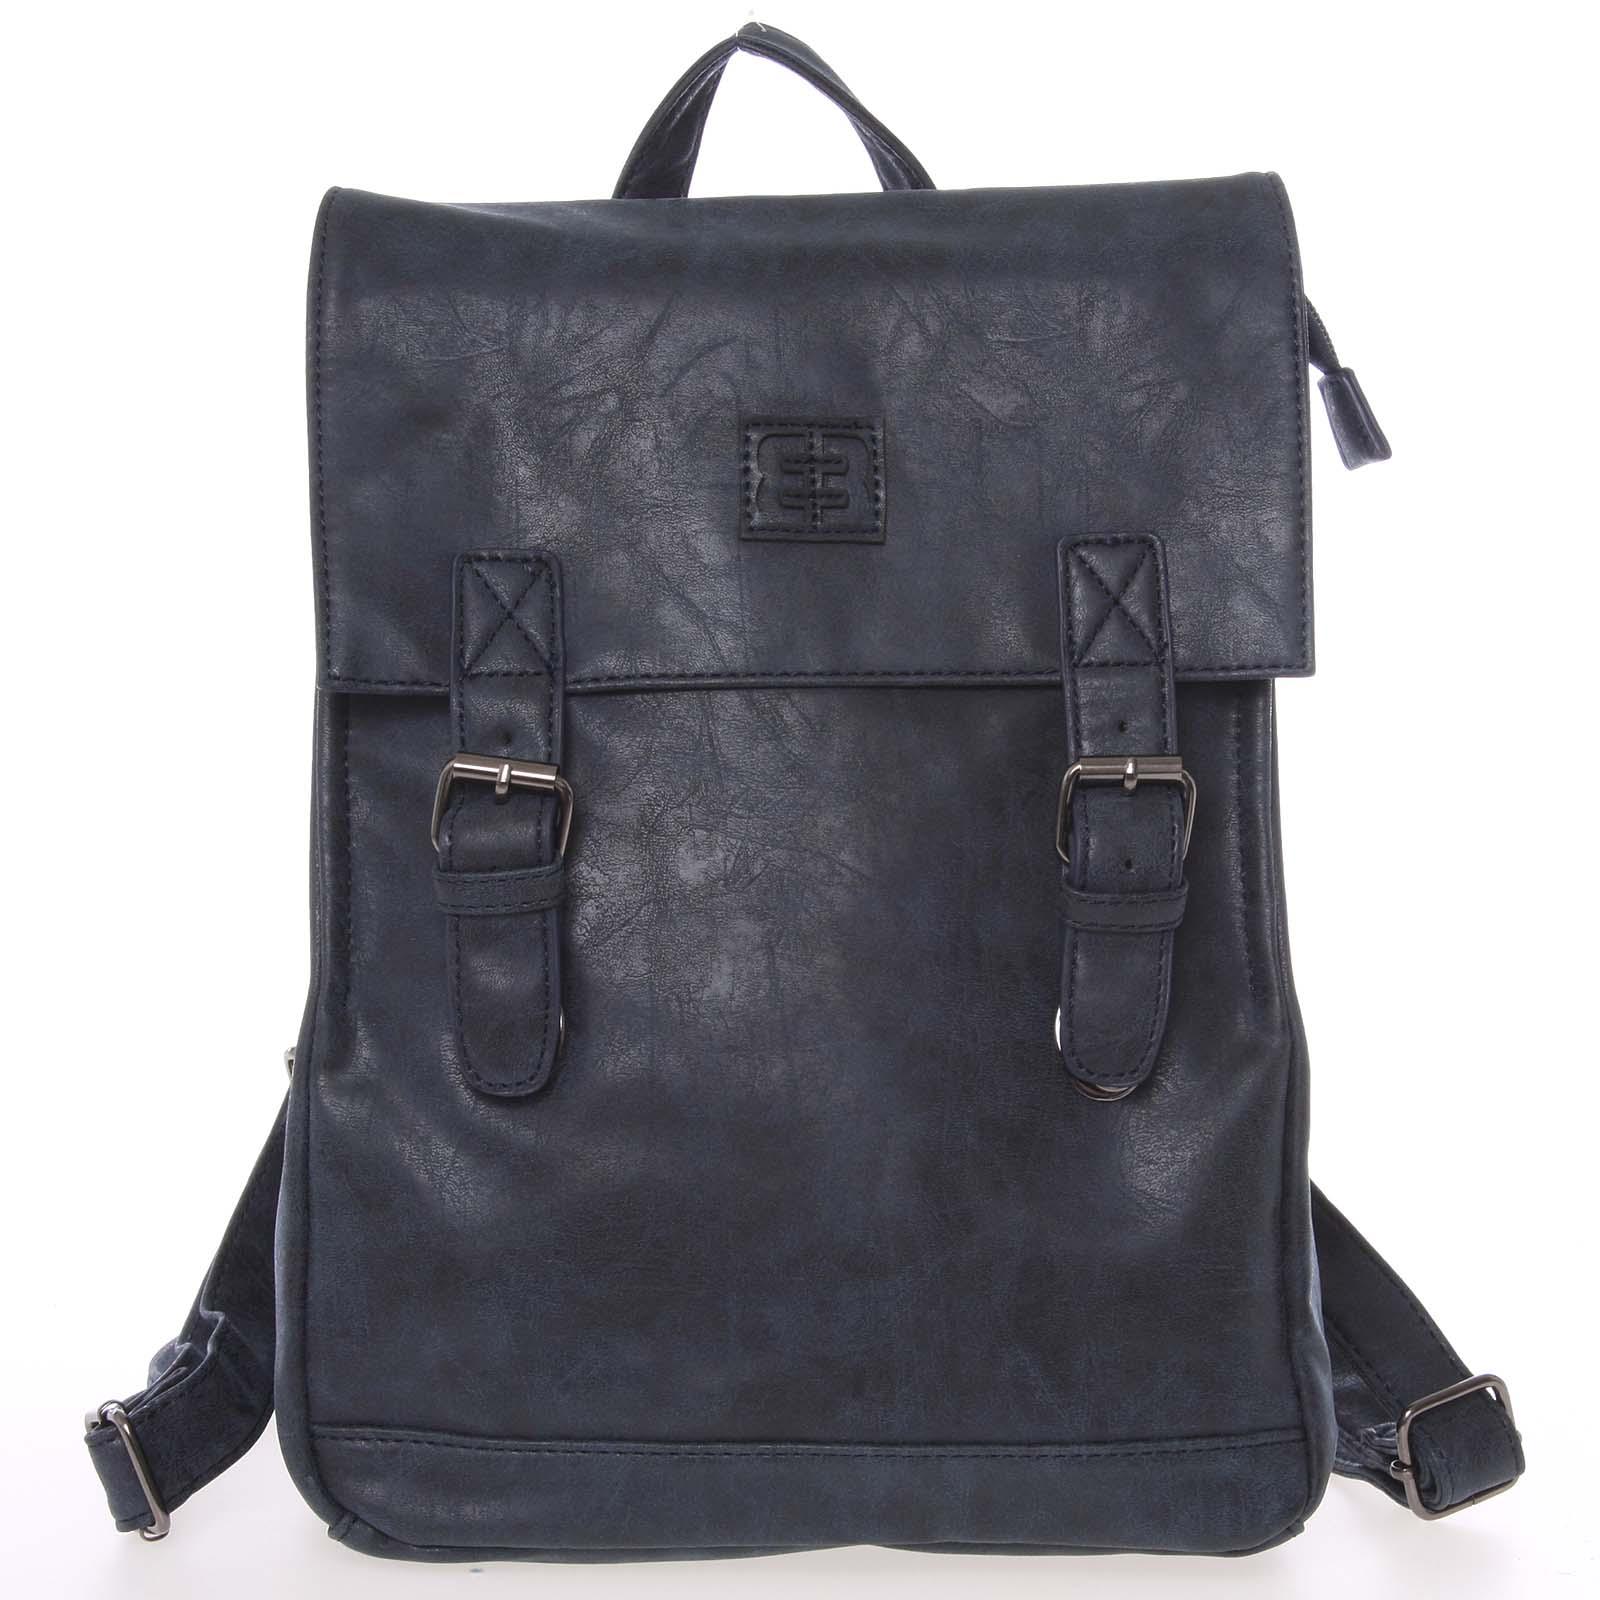 Módní stylový střední batoh tmavě modrý - Enrico Benetti Traverz